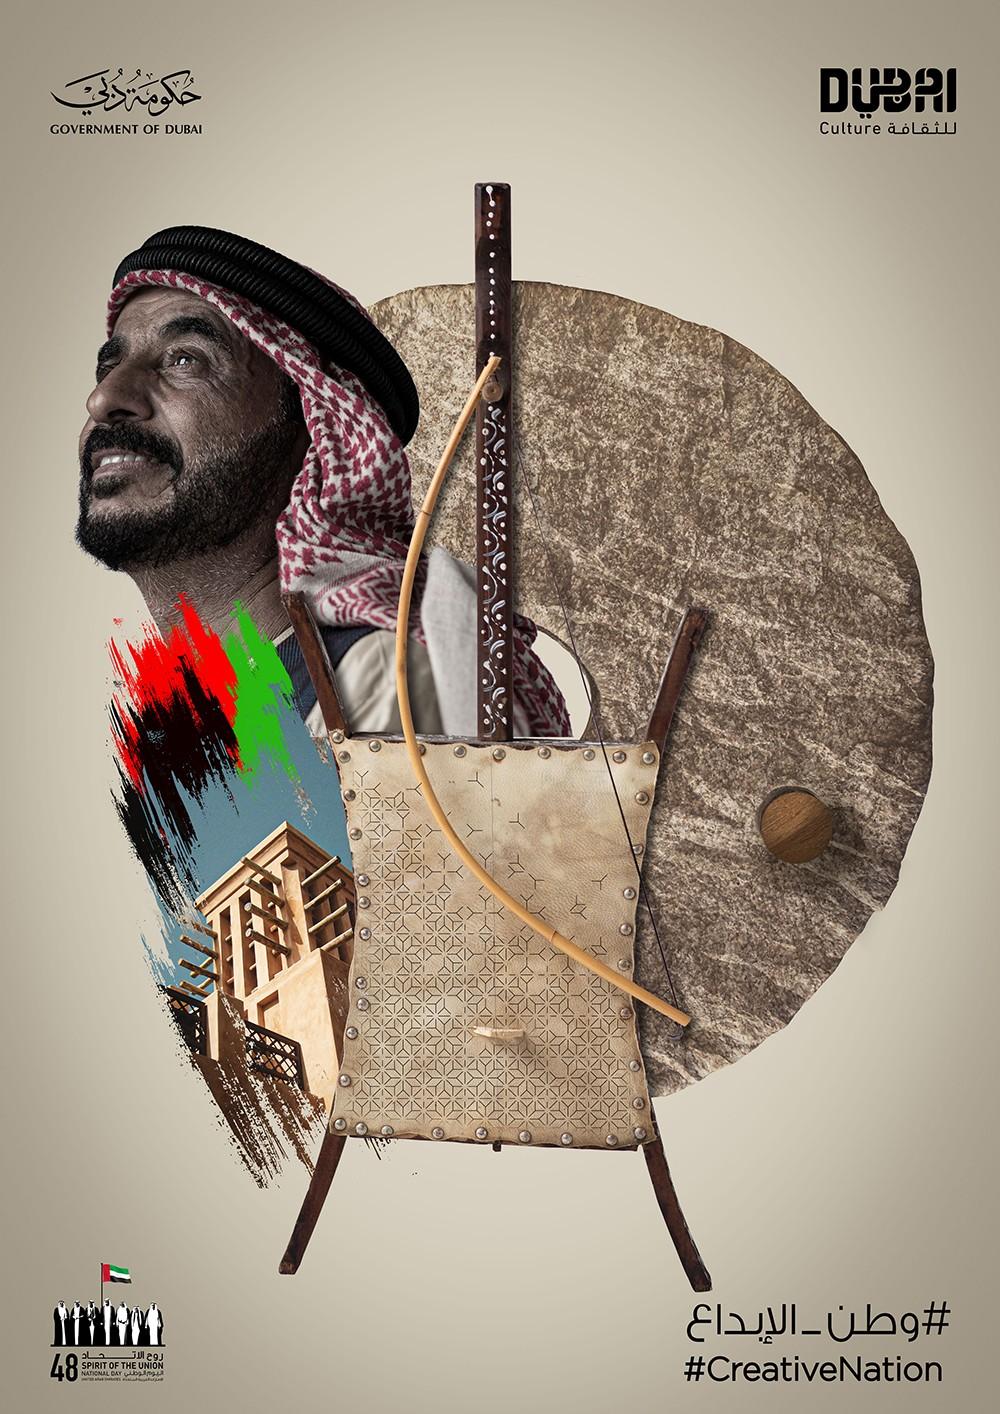 """وطن الإبداع حملة تهديها """"دبي للثقافة""""  للدولة بمناسبة اليوم الوطني ال 48"""